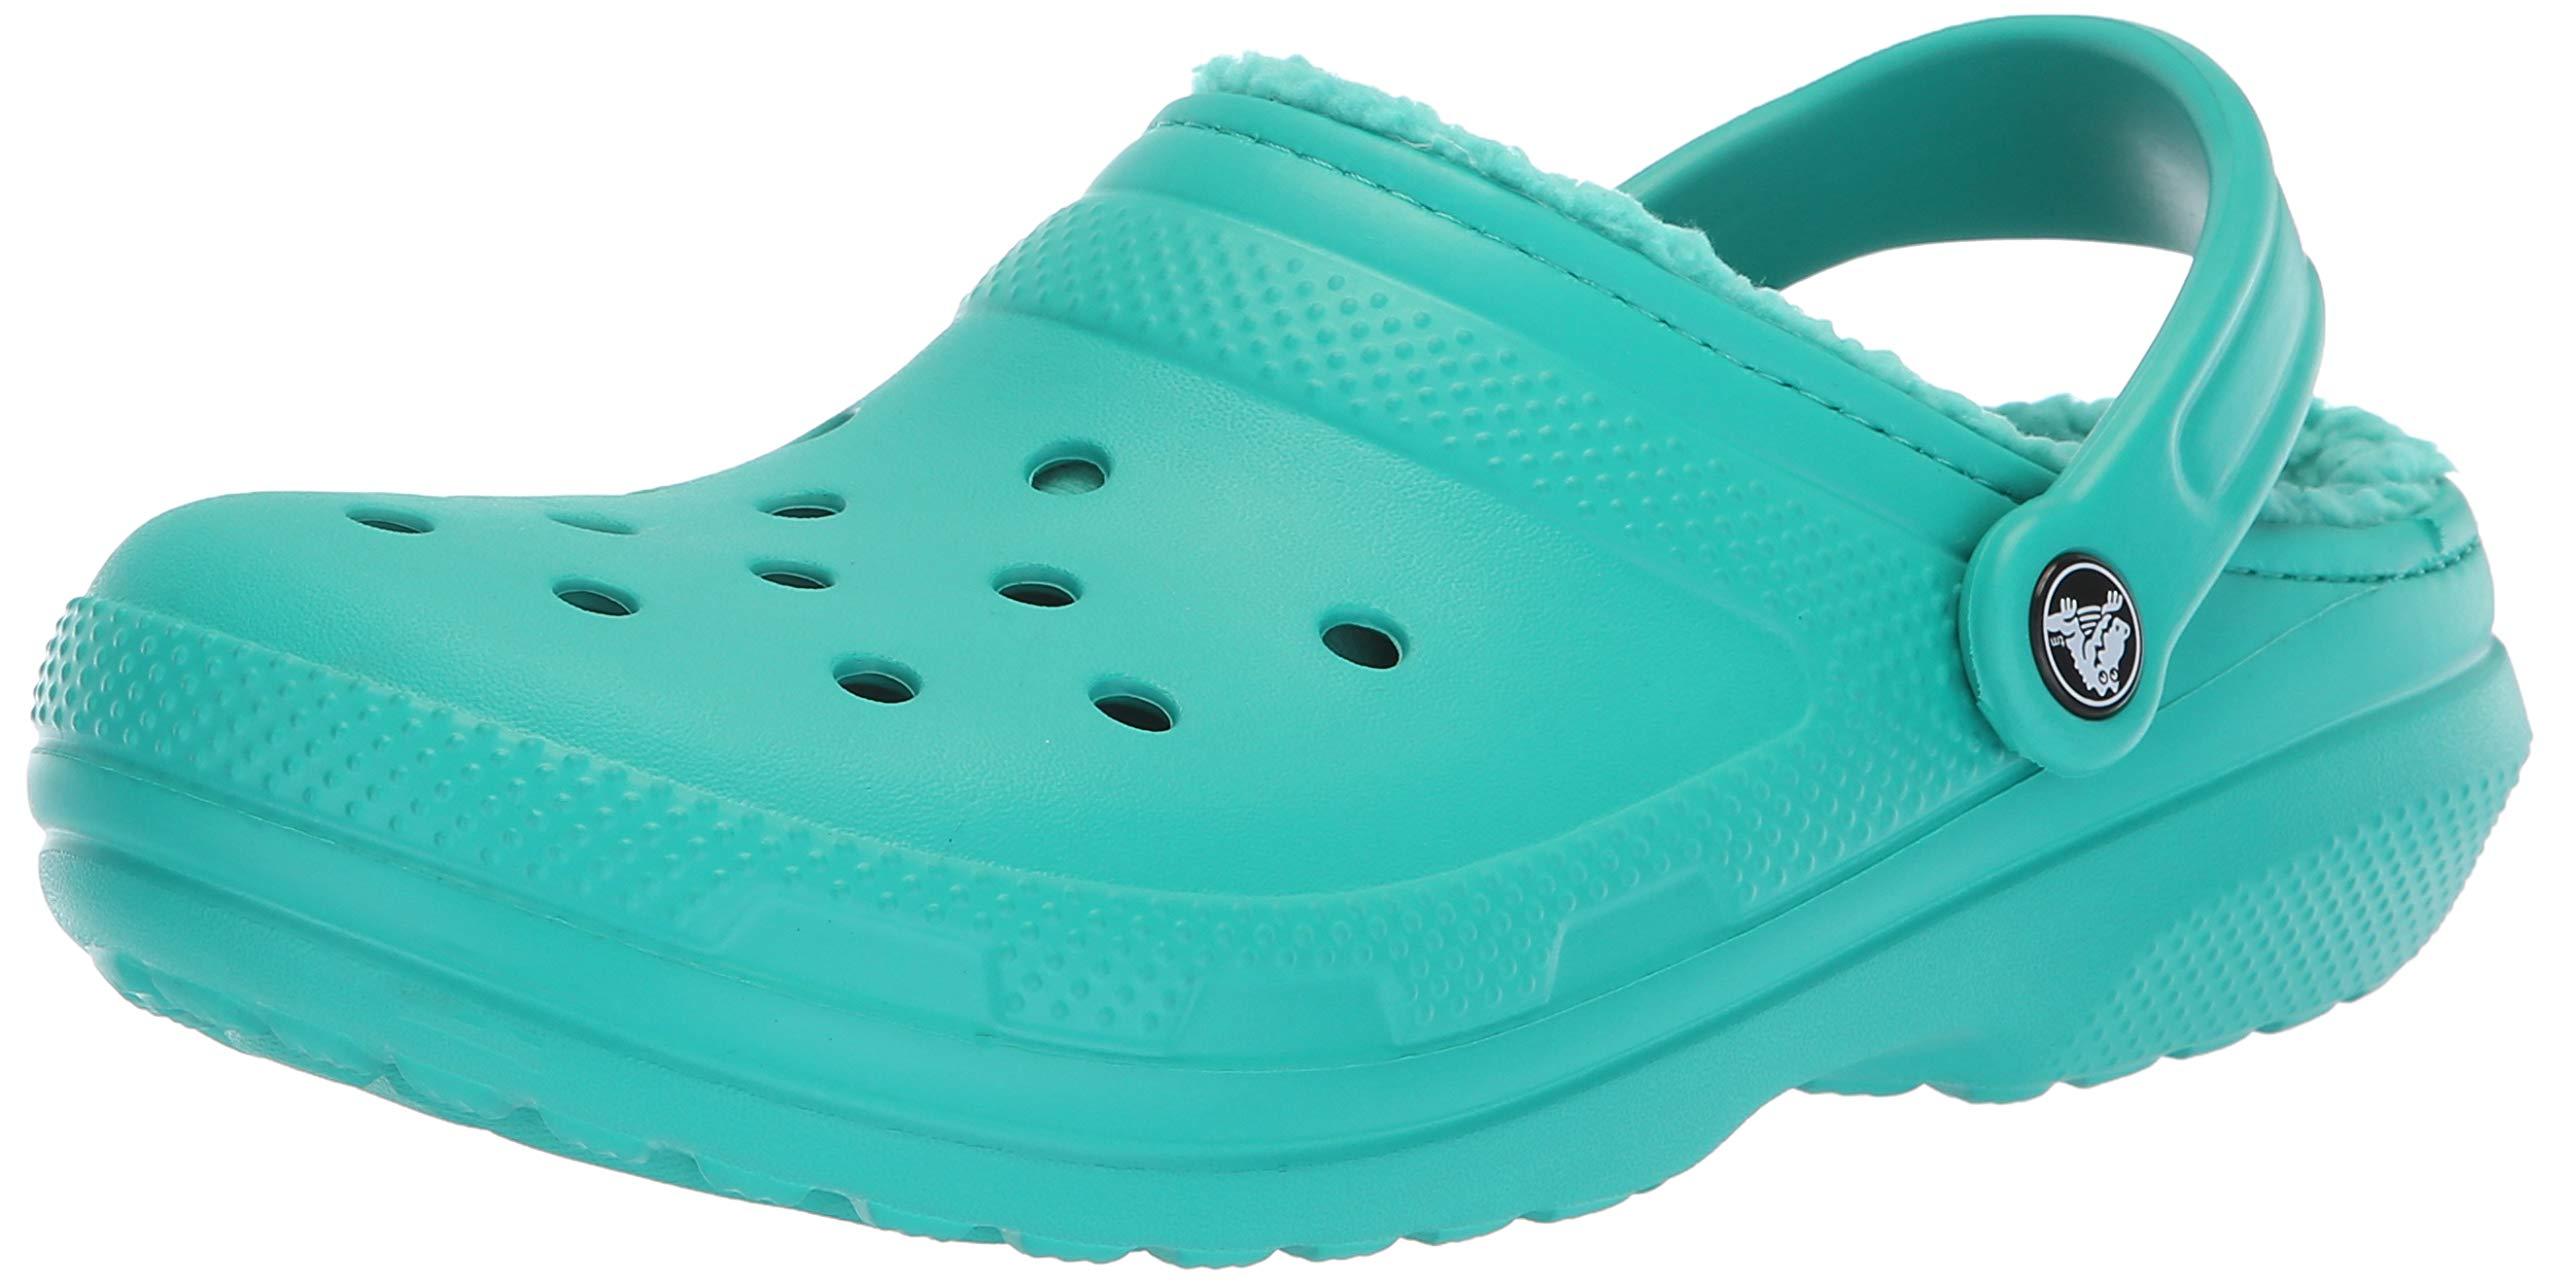 Crocs Classic Lined Clog, tropical teal/tropical teal, 4 US Men / 6 US Women